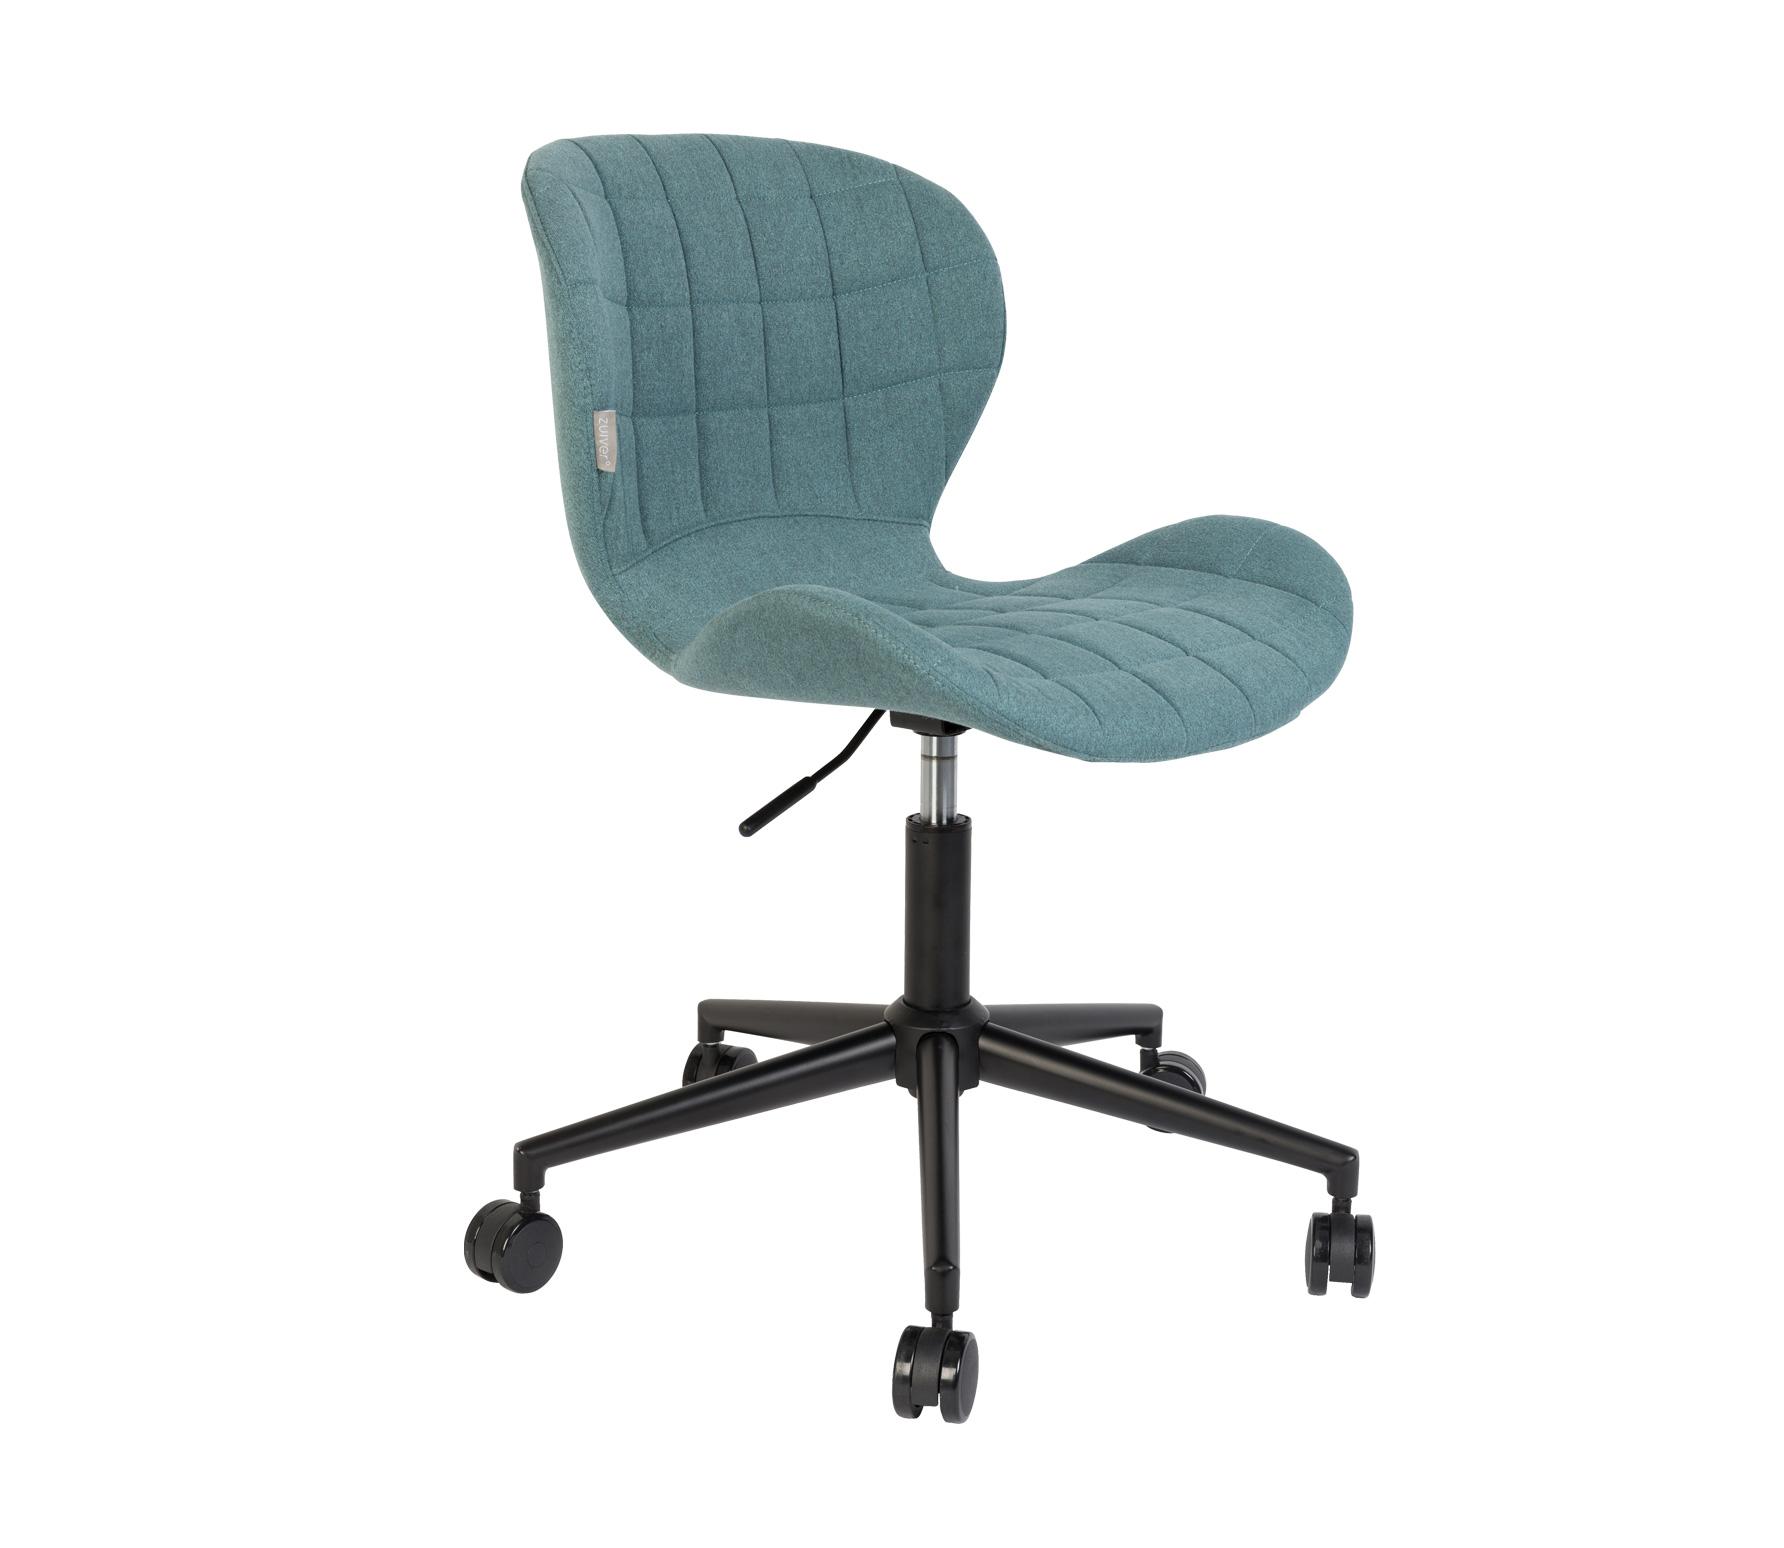 Zuiver OMG bureaustoel blauw zwart vrijstaand schuin